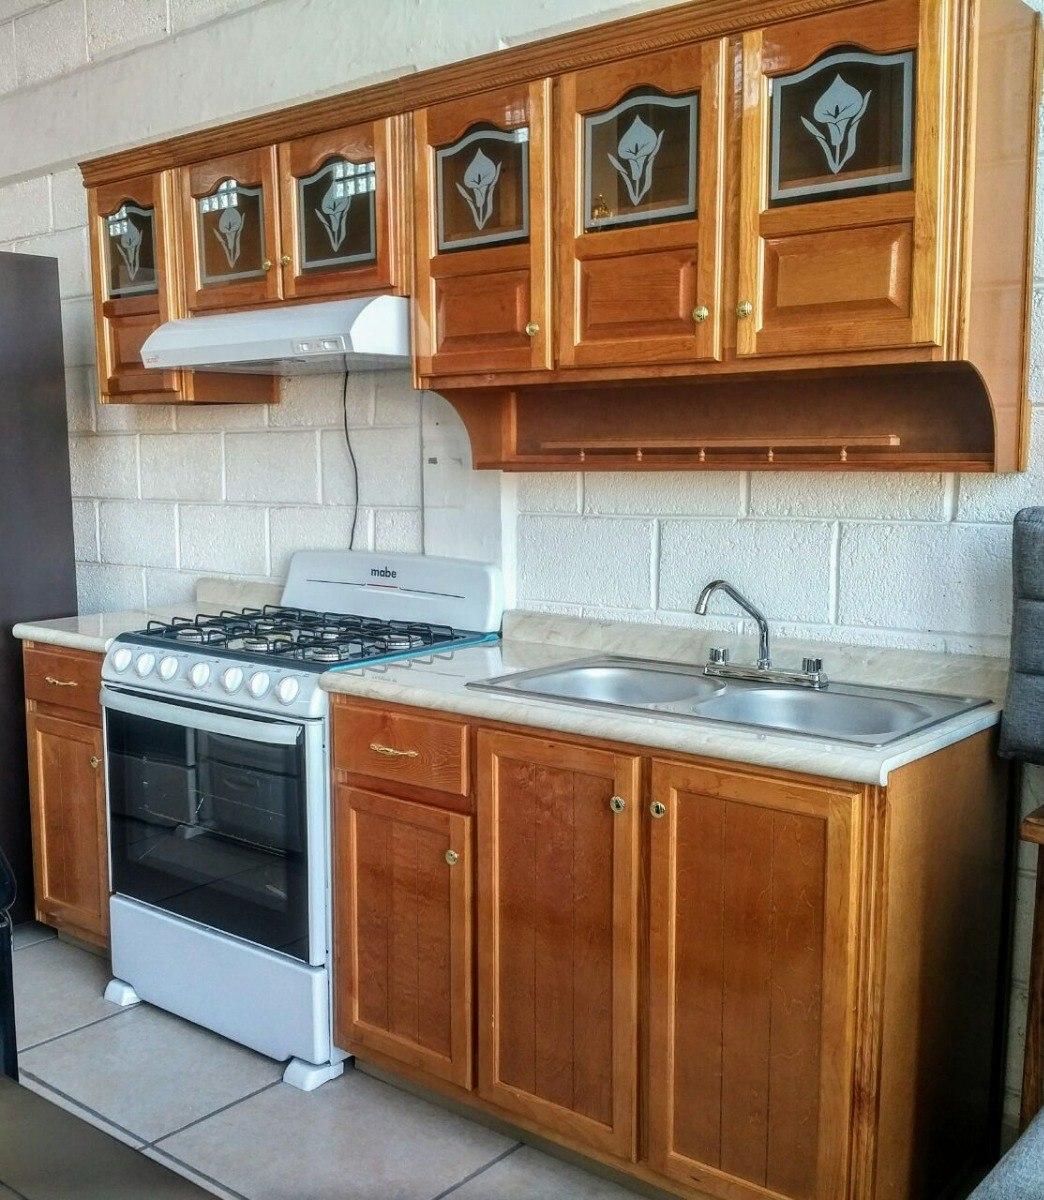 Cocina integral completa campana estufa horno incluidos for Como hacer una cocina integral